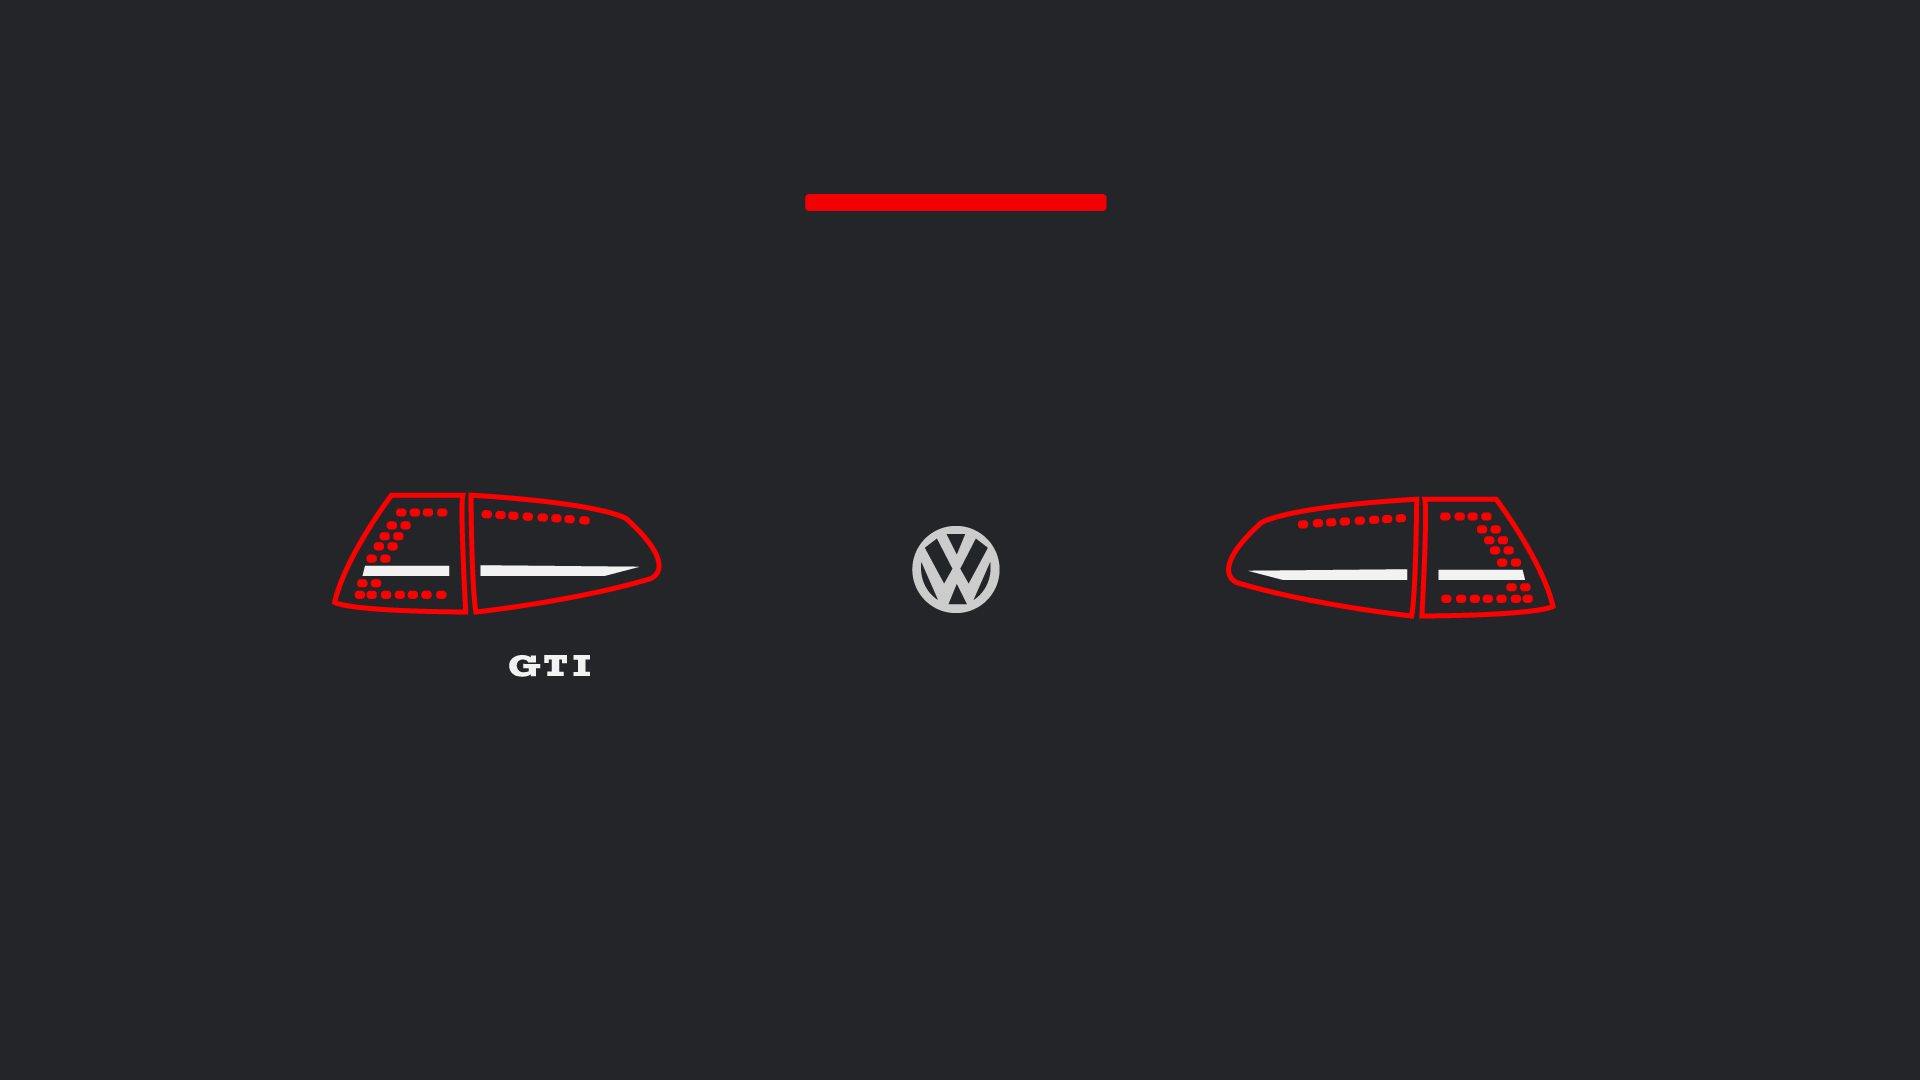 Mk7 Gti Euro Taillights Minimalist Wallpapers 1920 X 1080 Gti Golf Gti Gti Mk7